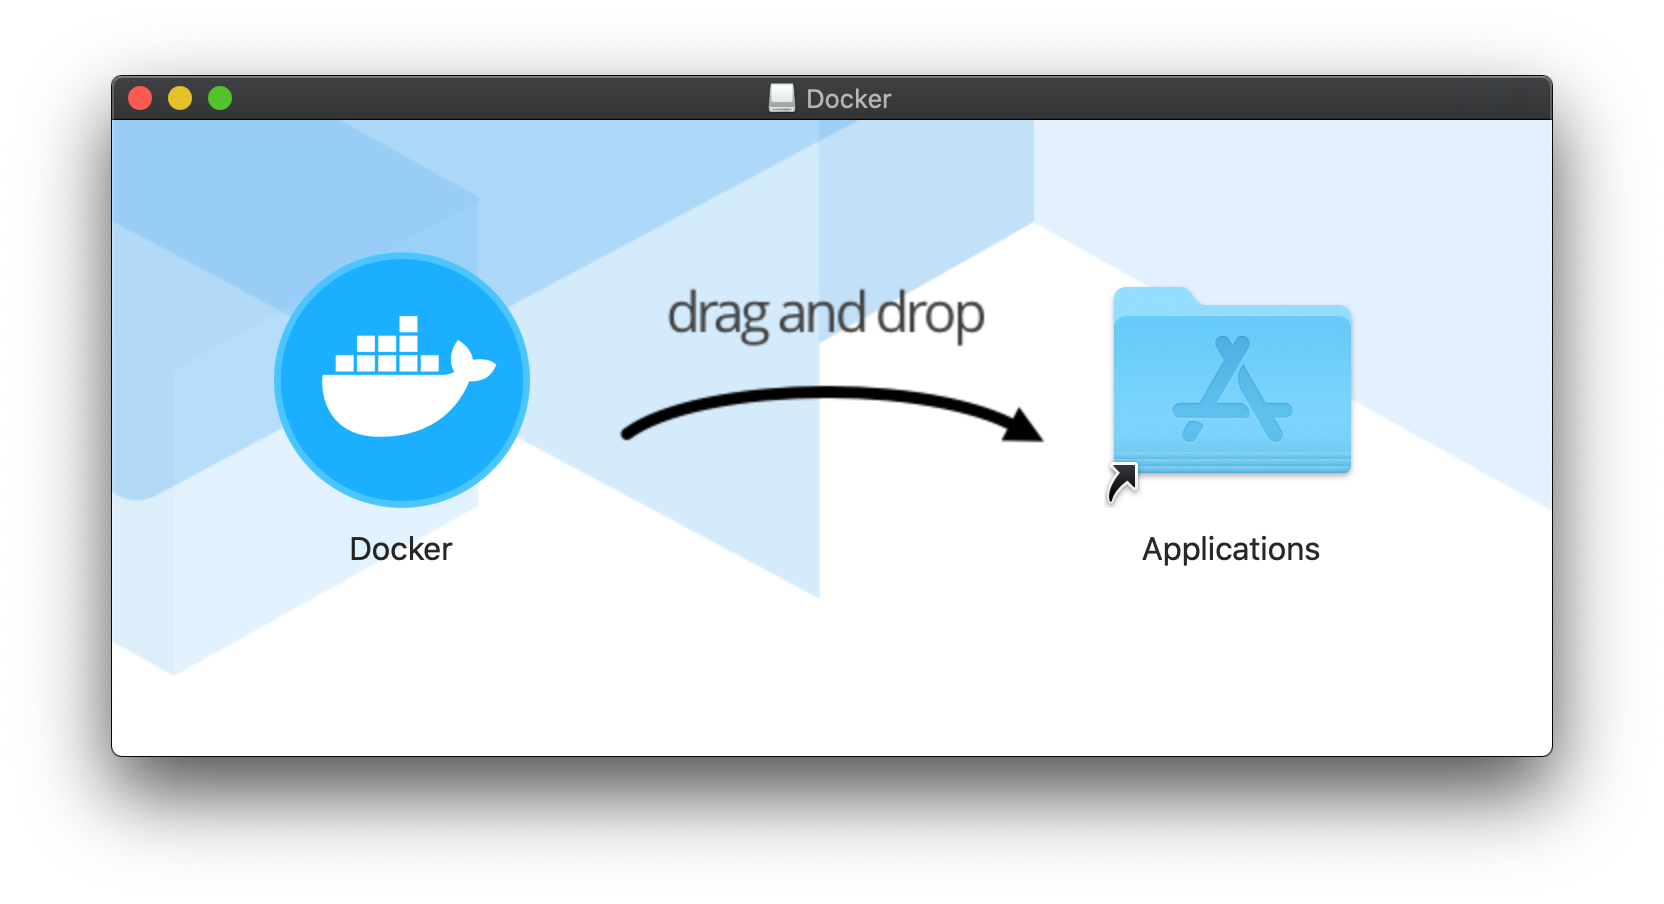 *Docker*を*Application*ディレクトリにドラッグアンドドロップします